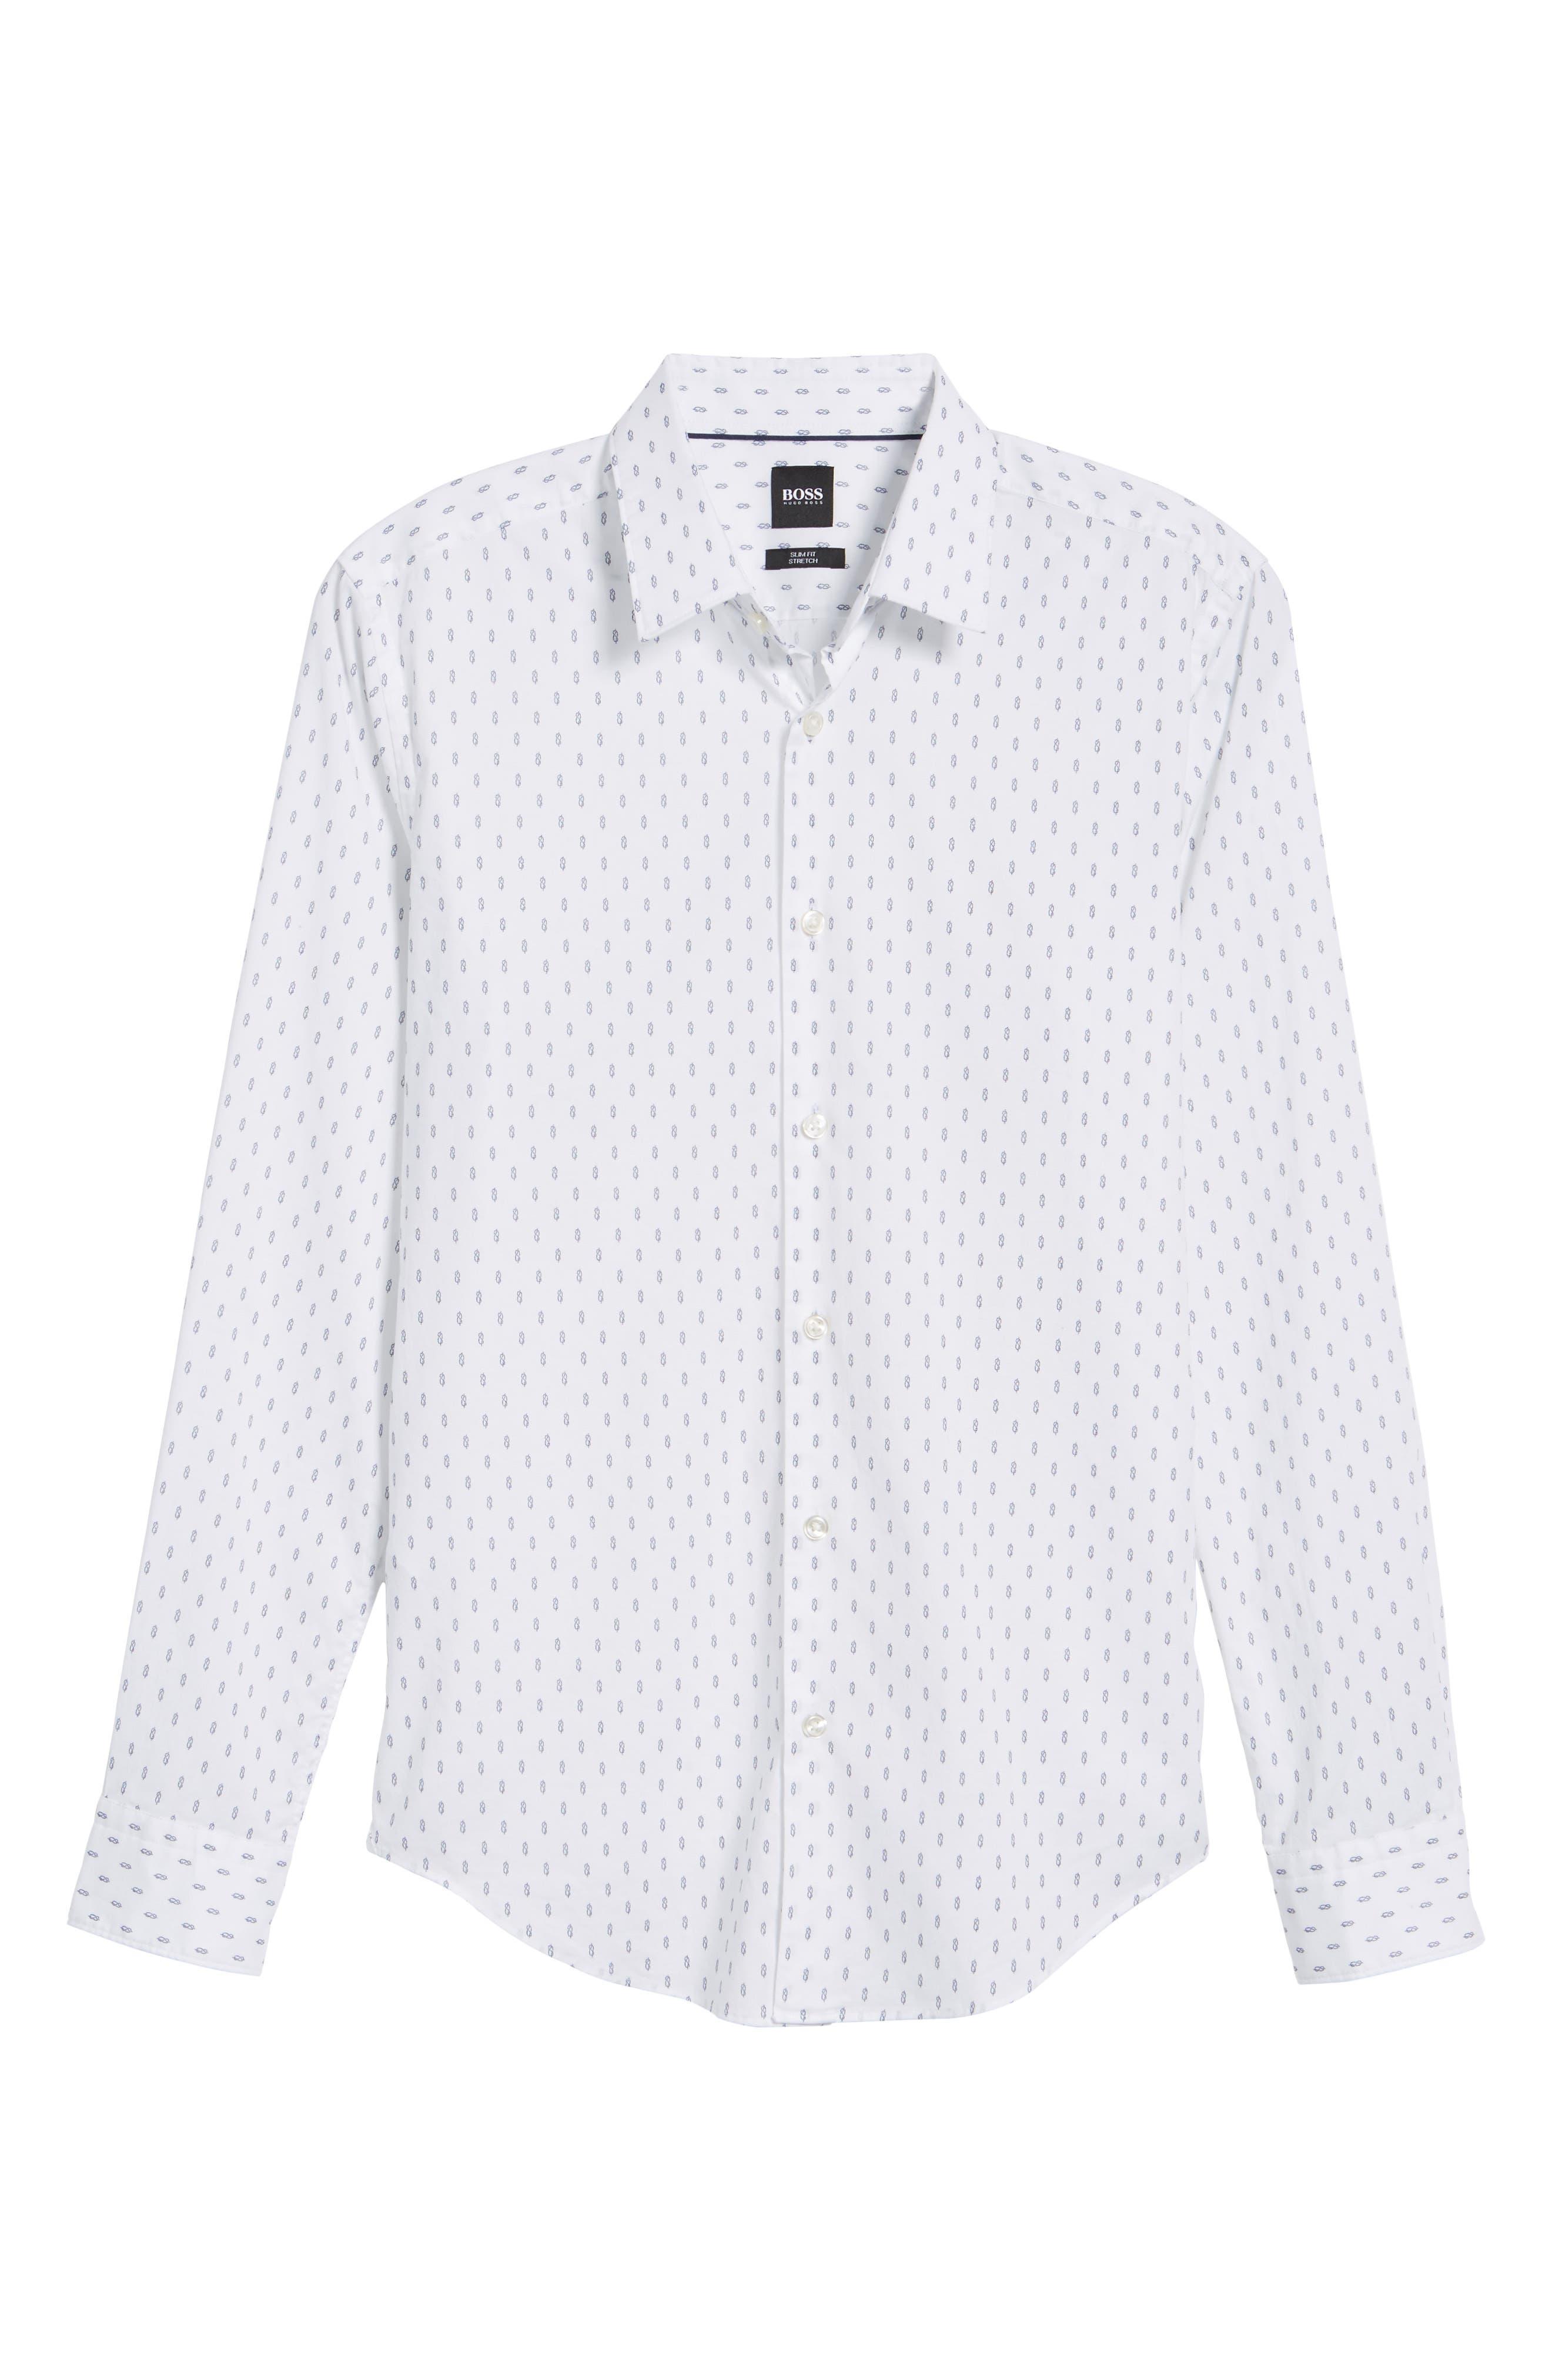 Ronni Slim Fit Print Sport Shirt,                             Alternate thumbnail 6, color,                             White